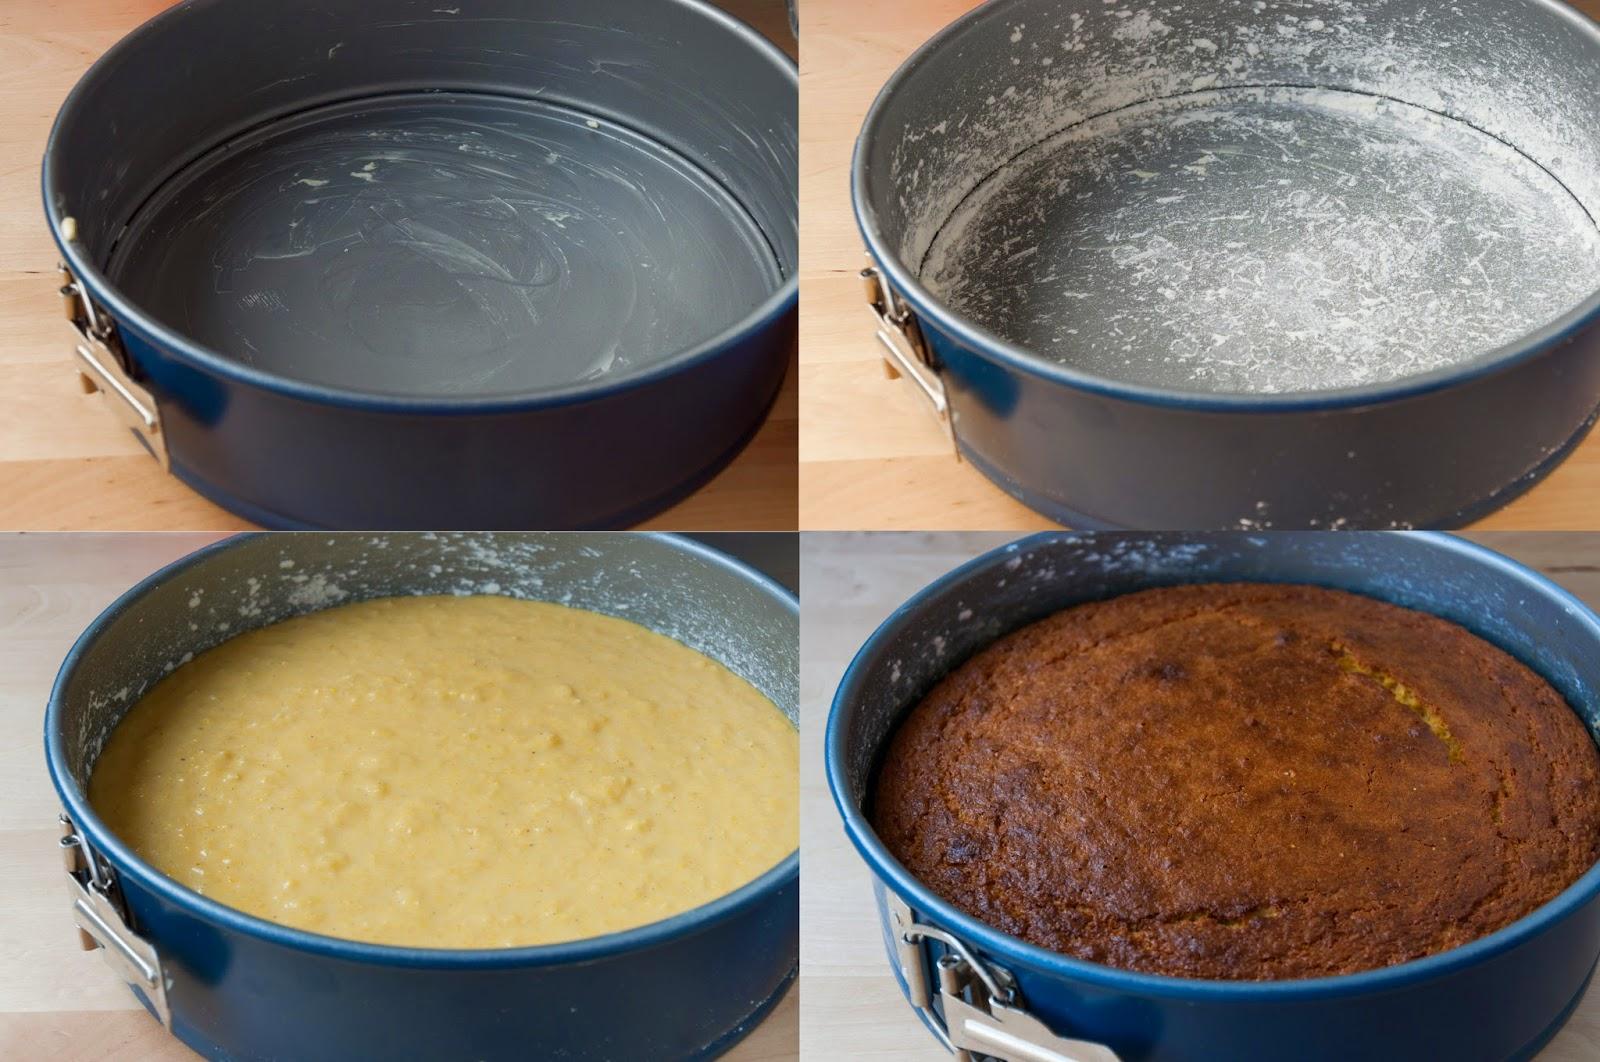 CoLoRes, saBoRes, oLoRes ... CoLoRs, taSTeS, SmeLLS: corn bread / corn bread